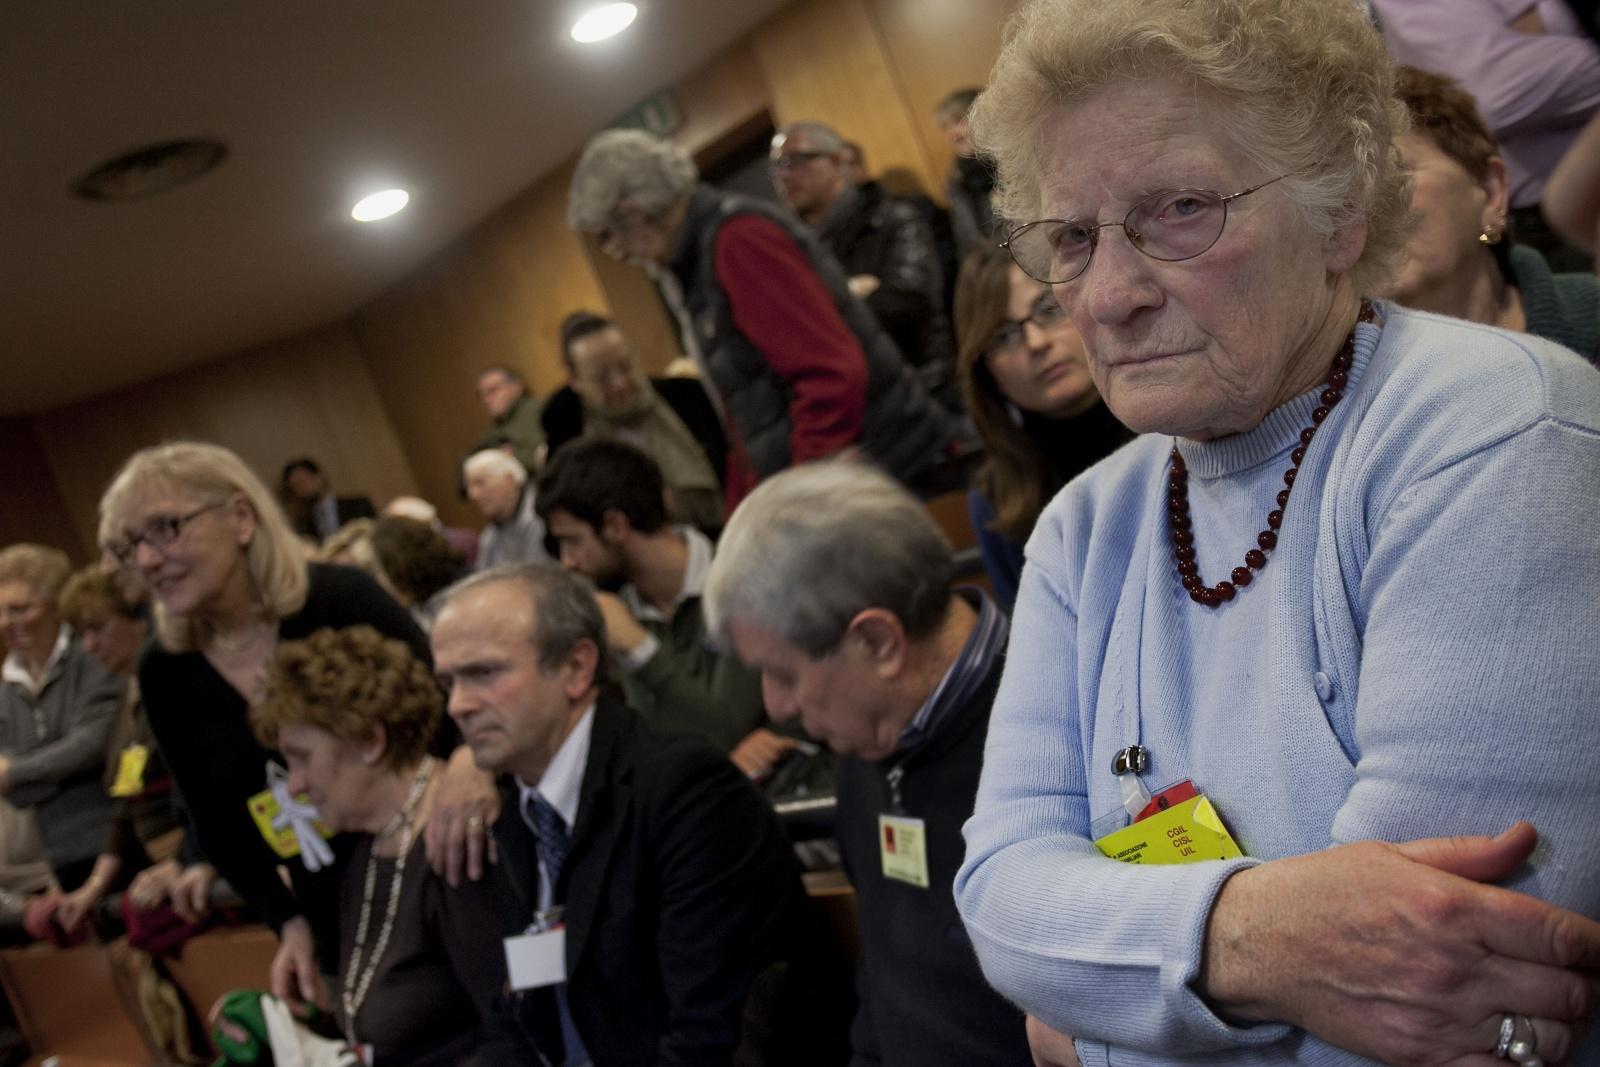 13/02/2012 Torino, Palagiustizia Bruno Caccia,  sentenza processo ETERNIT -  Romana Blasotti presidente dell'Associazione Familiari vittime Amianto